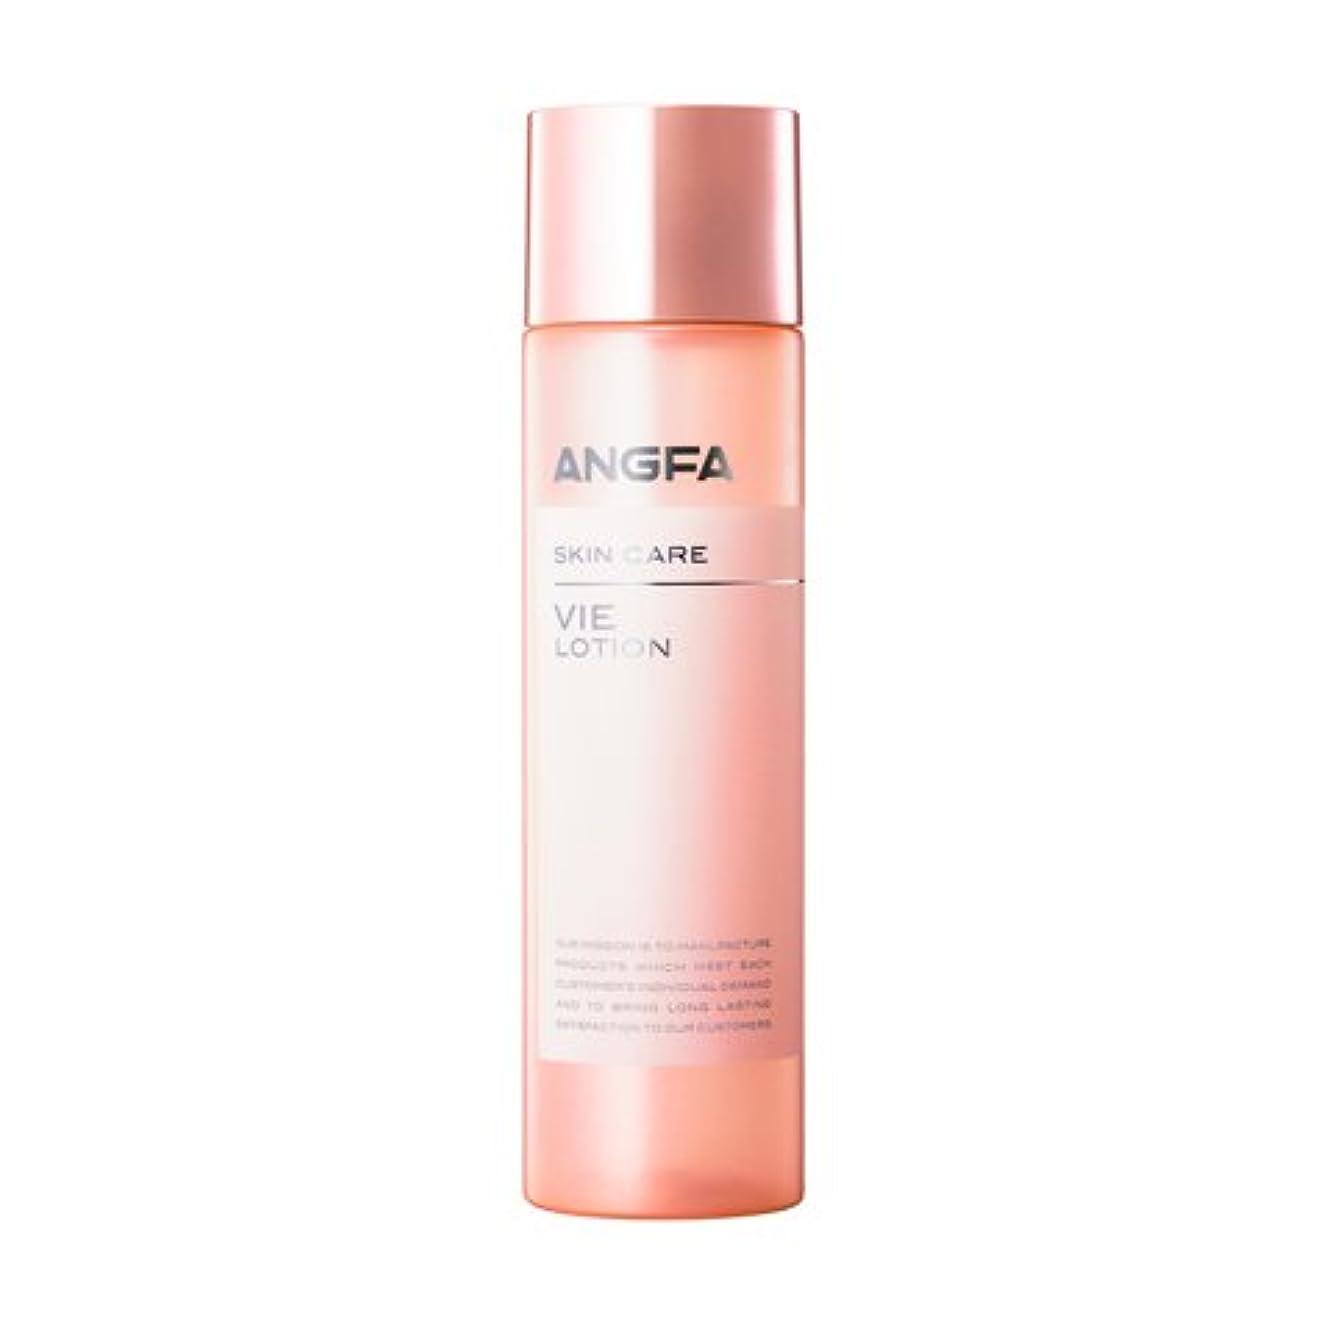 消毒するハング有料アンファー (ANGFA) VIE ローション 150ml 化粧水 スキンケア アイテム